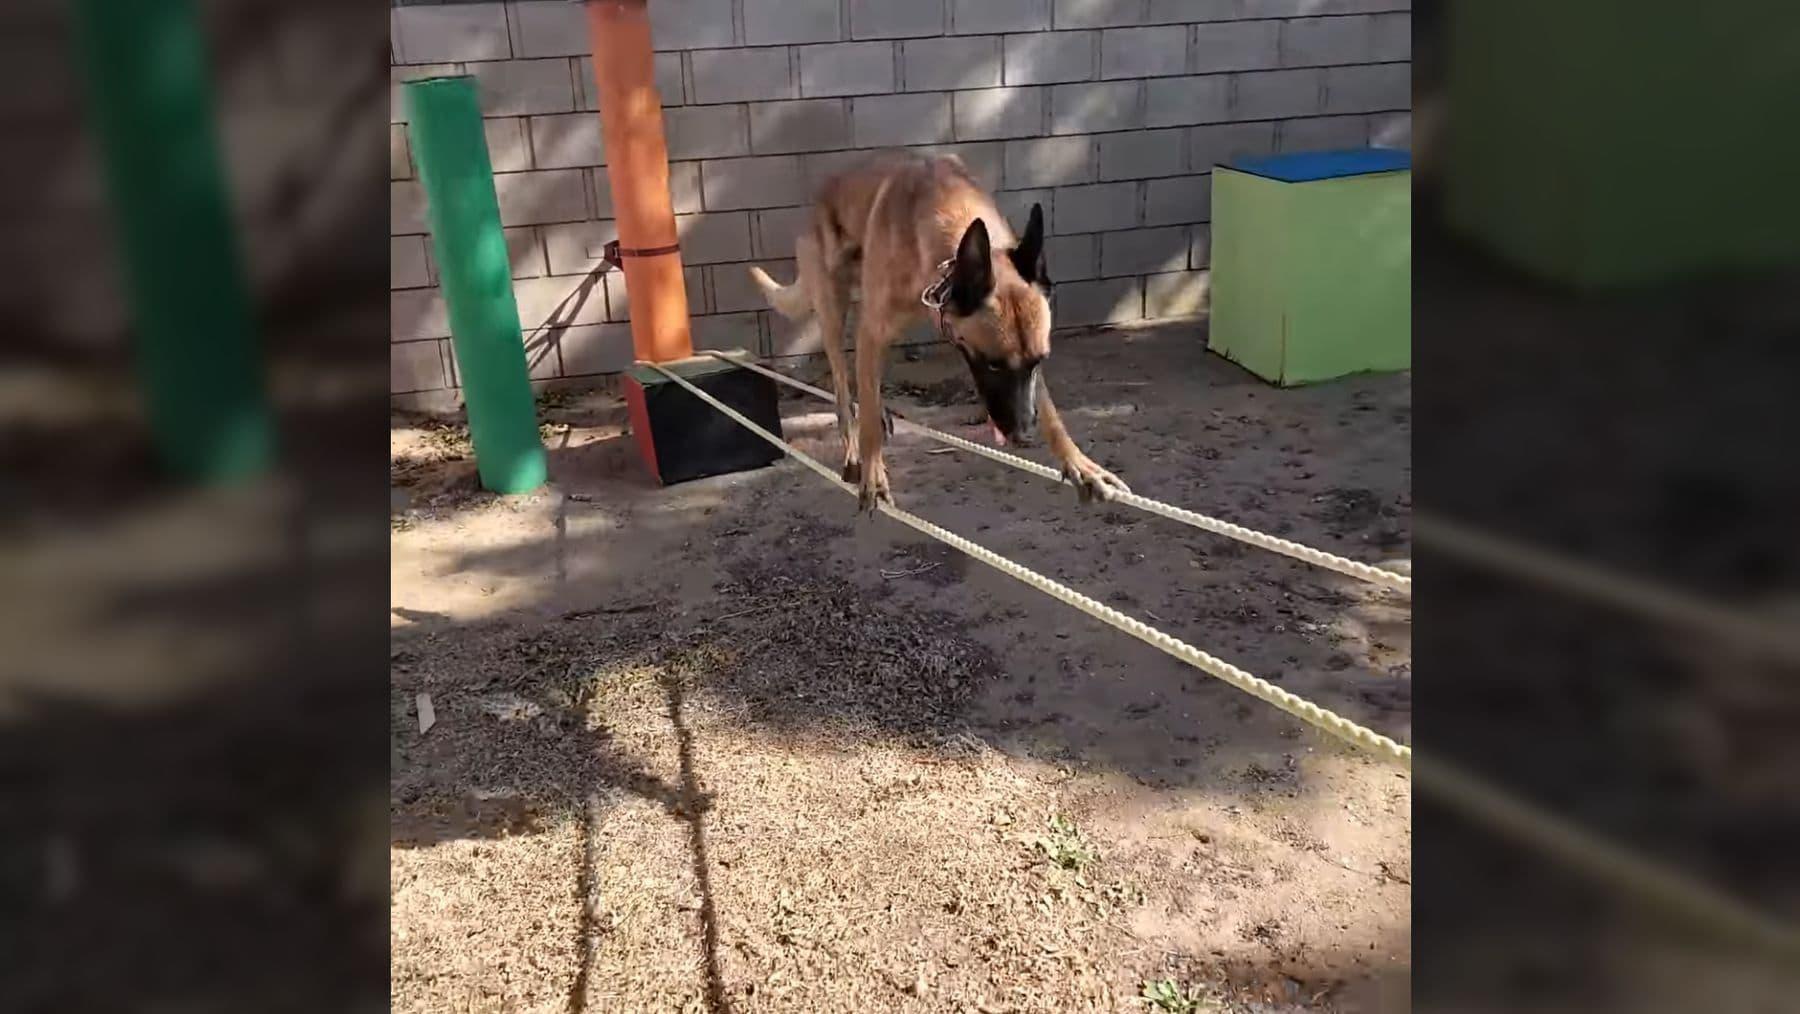 Wie man als Hund wirklich einen Hindernis-Parkour meistert | Awesome | Was is hier eigentlich los?